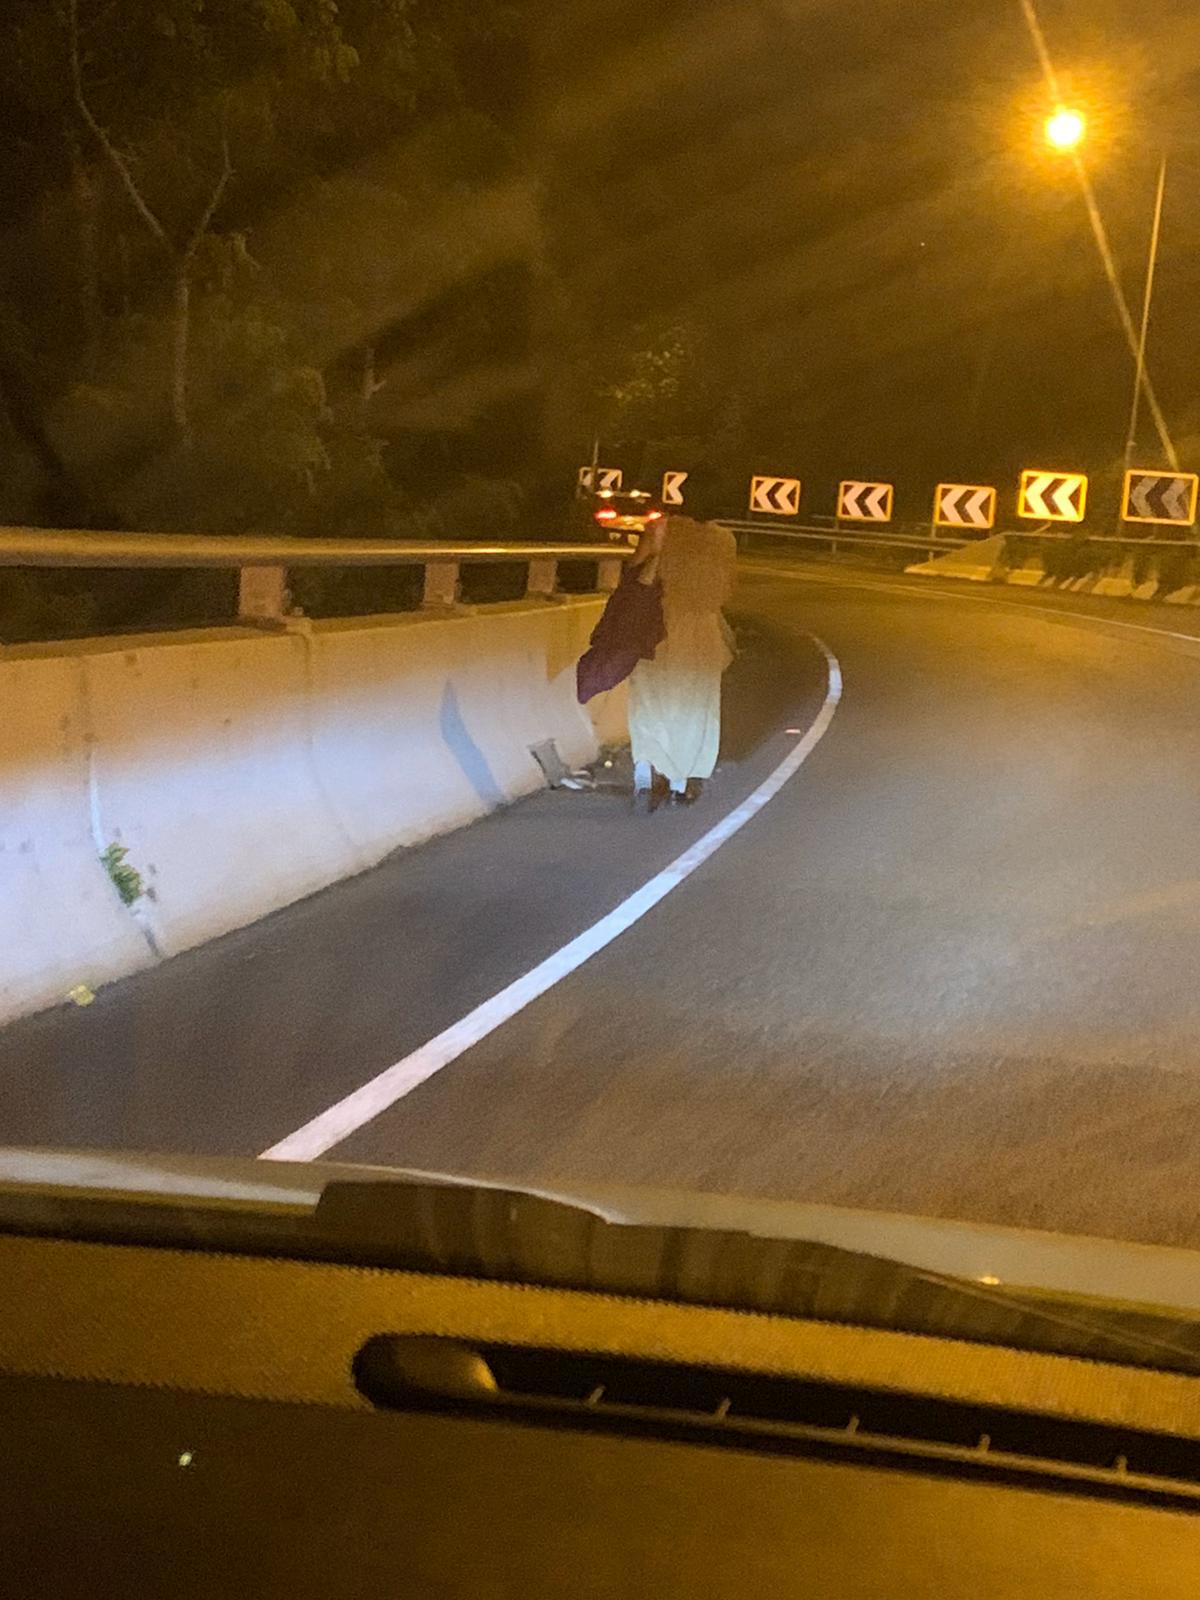 長裙女子凌晨在公路行走。讀者提供